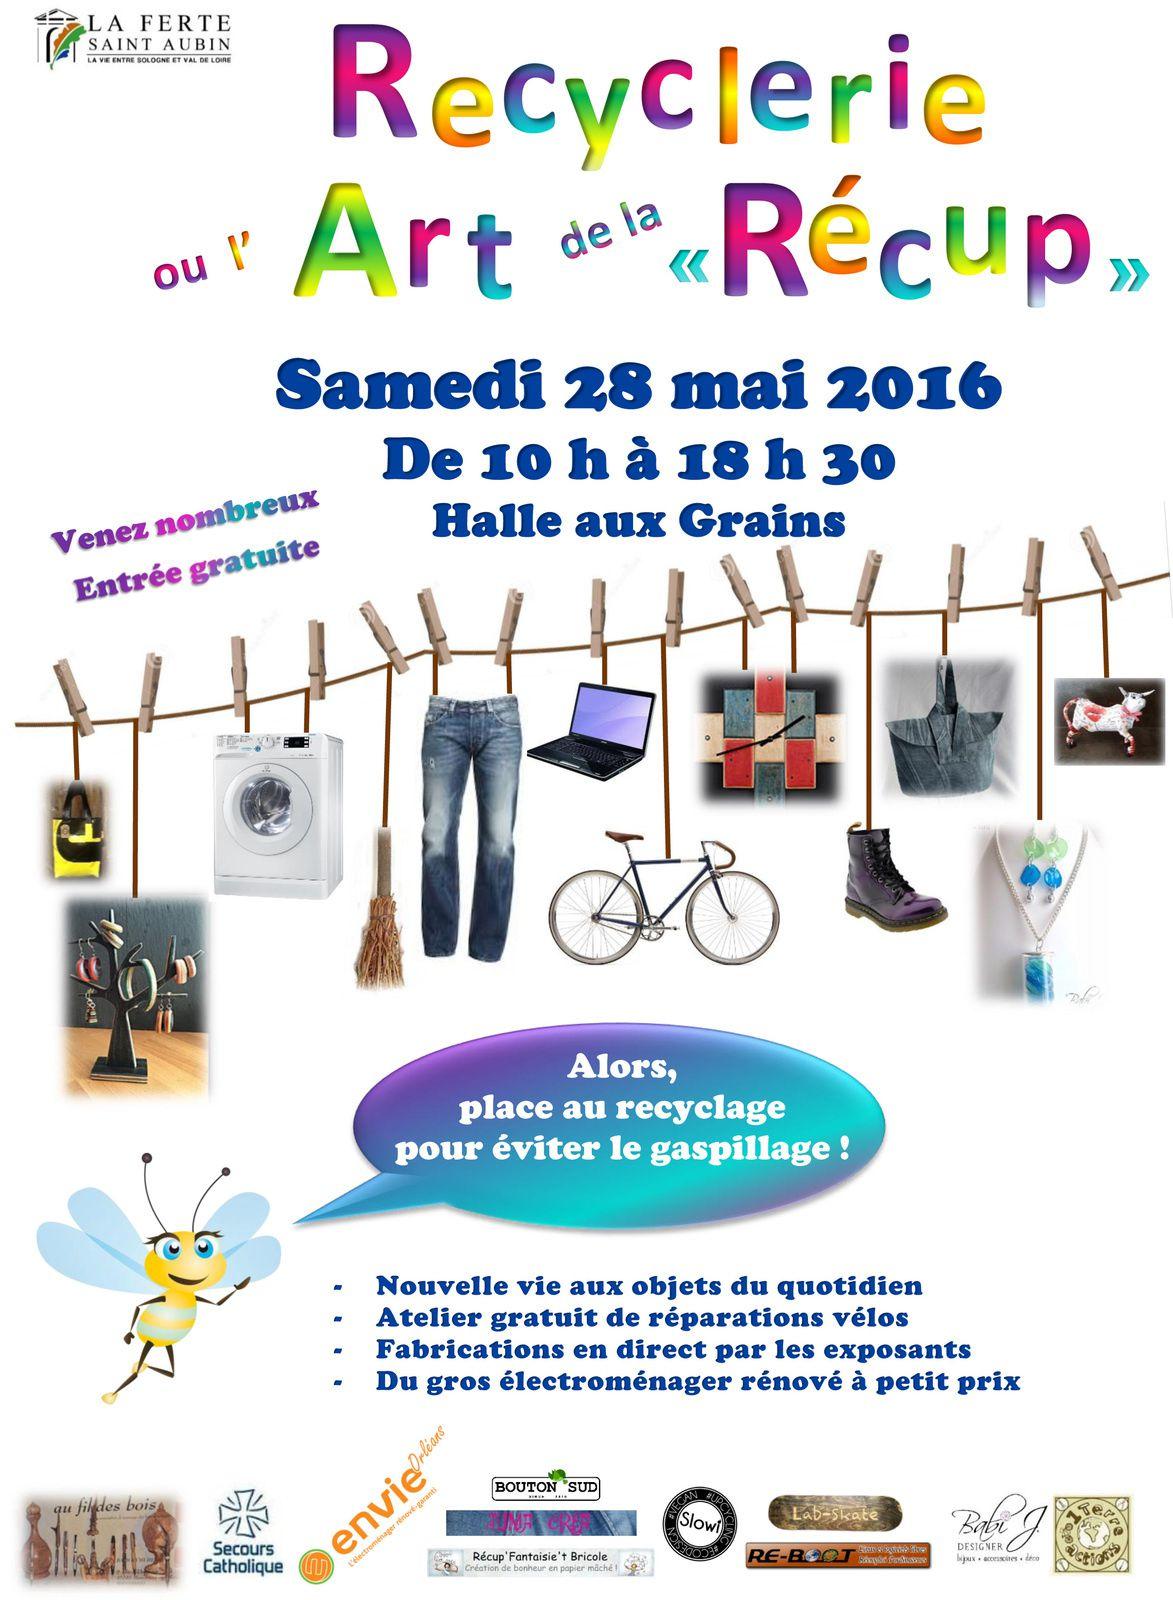 Dans le cadre de la Semaine du Développement Durable, la ville de La Ferté Saint-Aubin (Loiret) crée un évènement... L'occasion de découvrir que l'on peut participer chacun à sa façon....